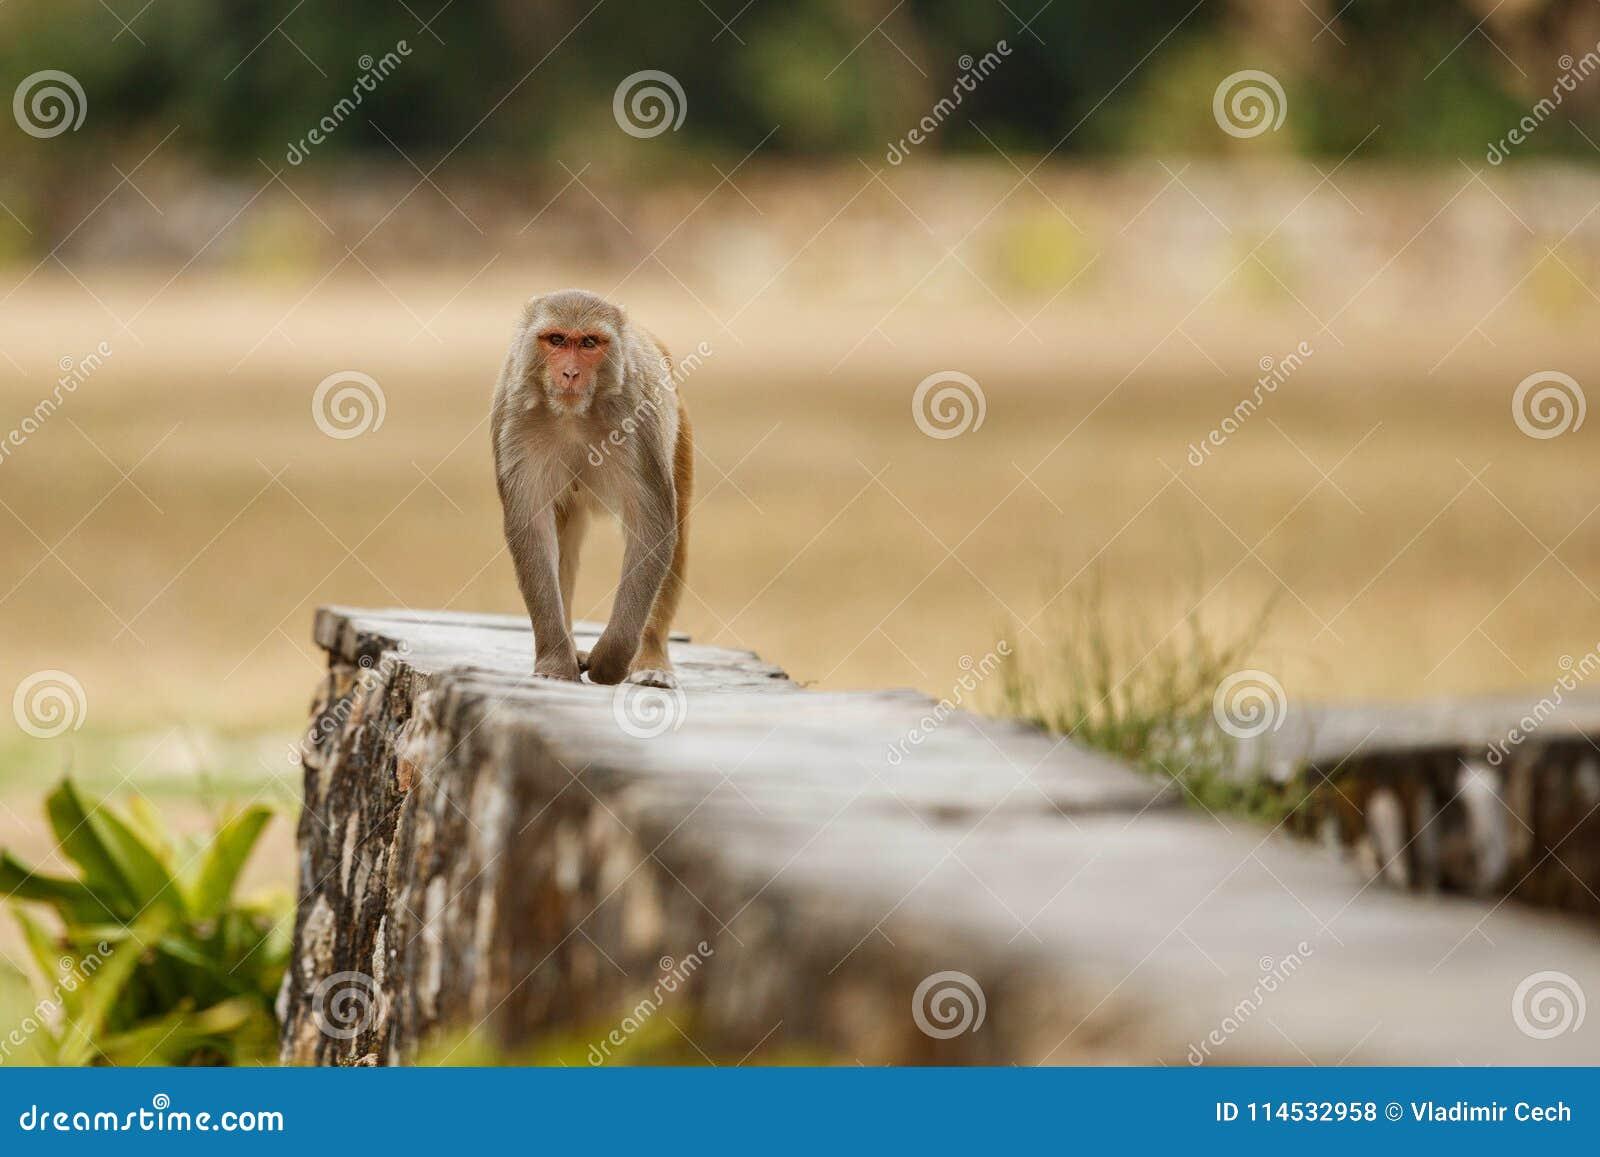 Ο ρήσος μακάκος Macaque στον τοίχο με το όμορφο μουτζουρωμένο υπόβαθρο